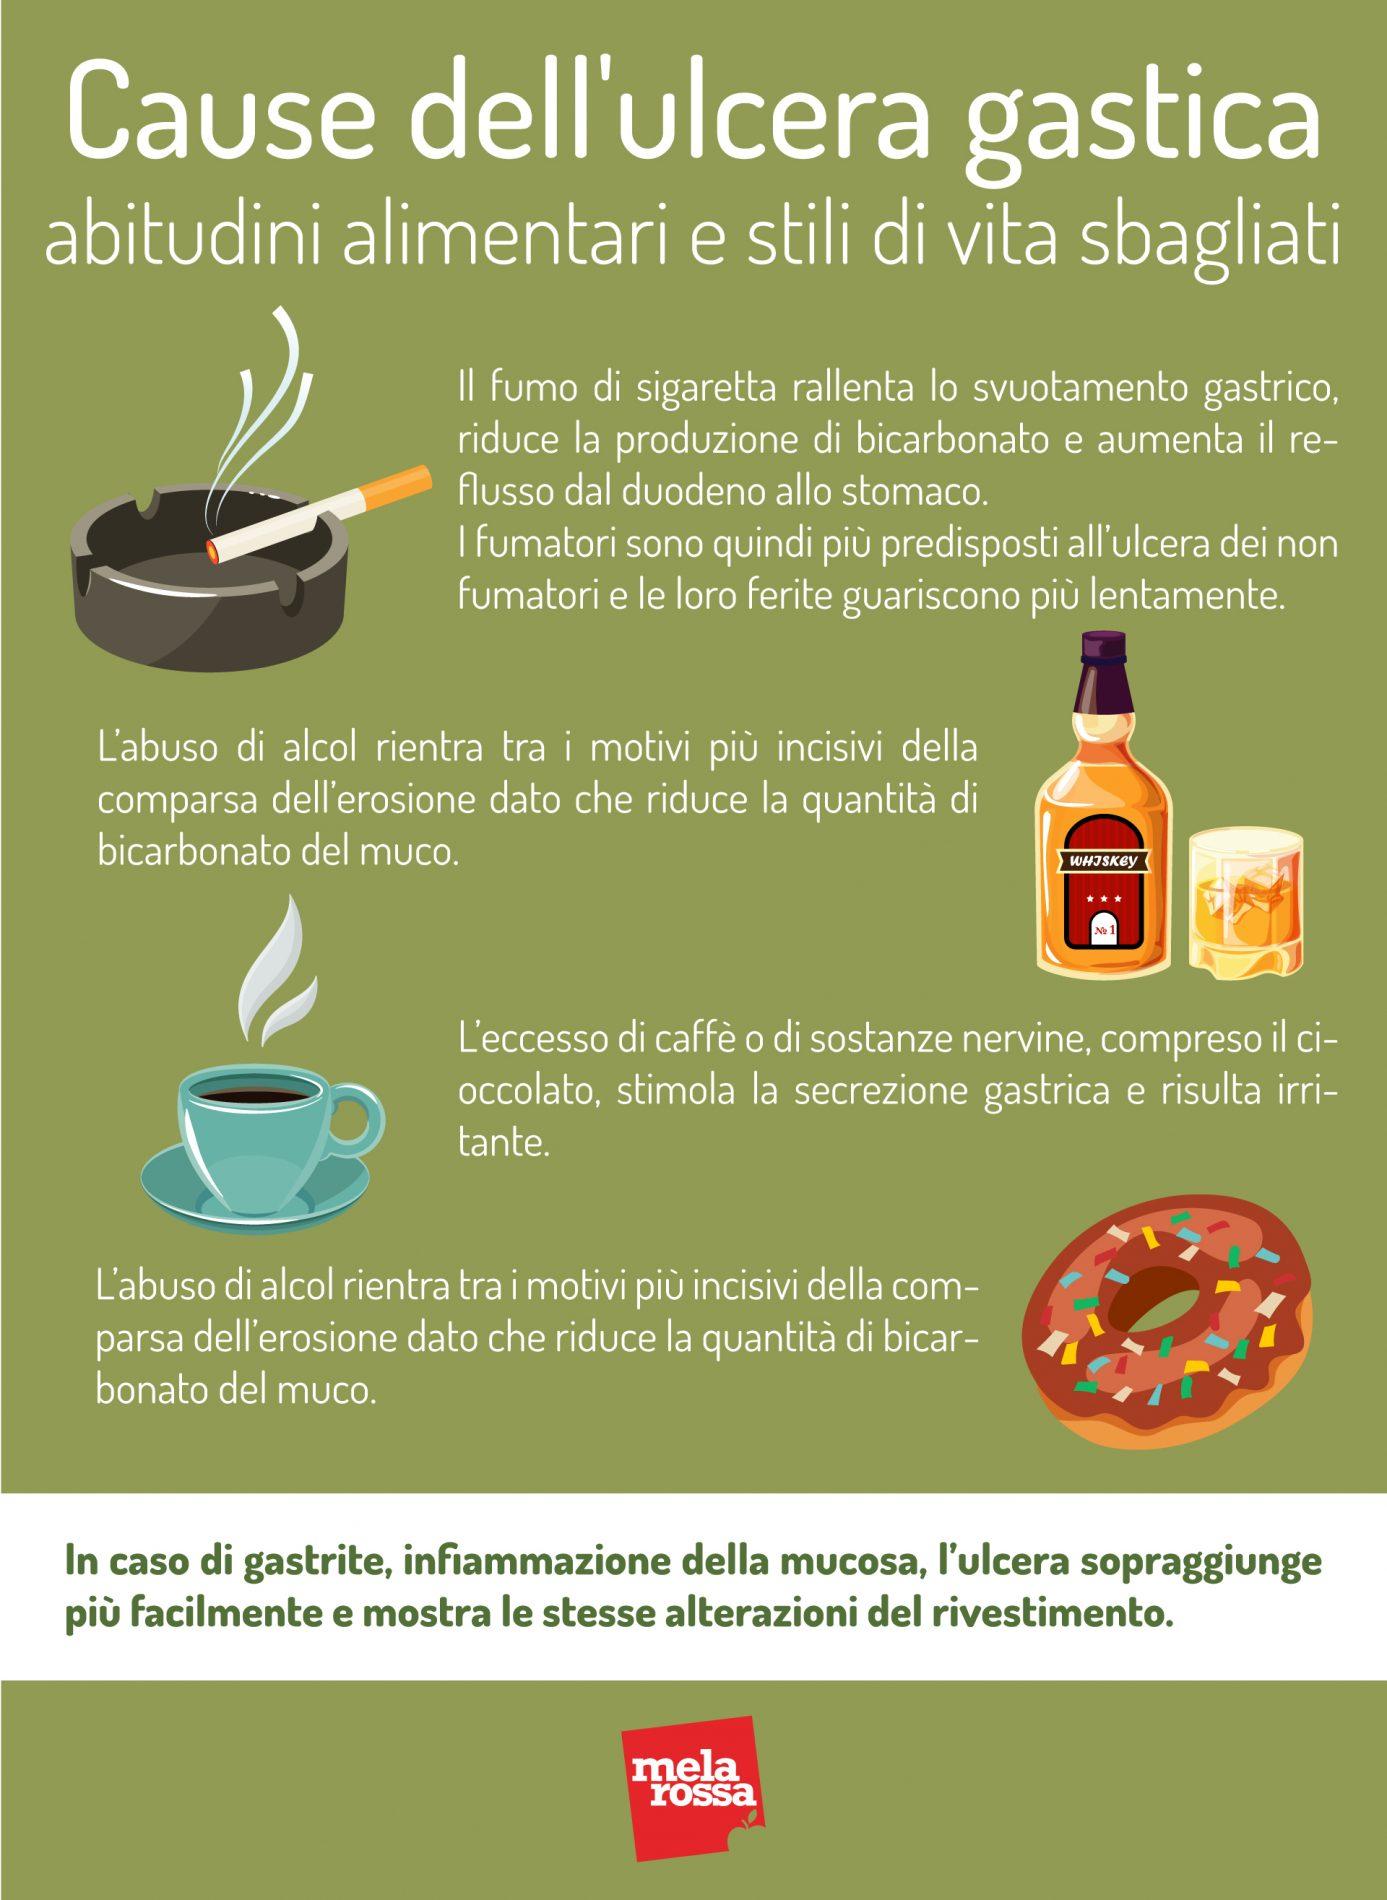 úlcera gástrica: causas